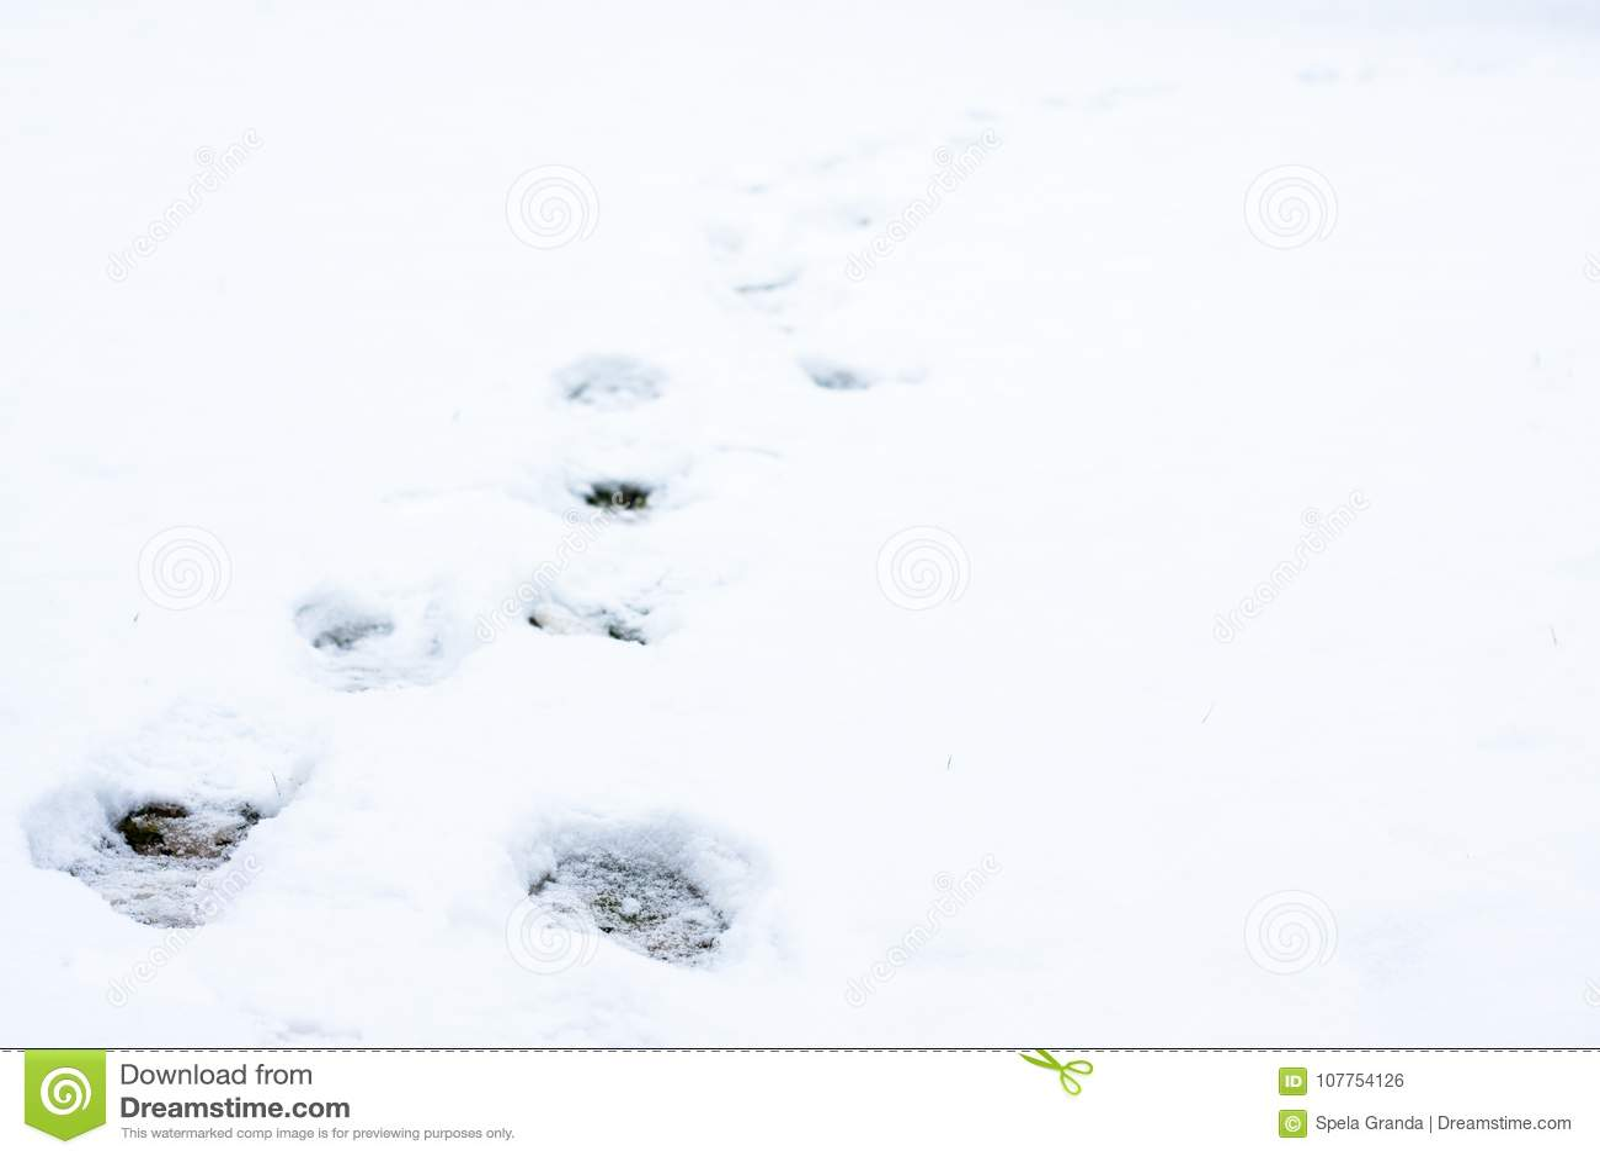 Empreintes de pas humaines dans la neige fraîchement tombée